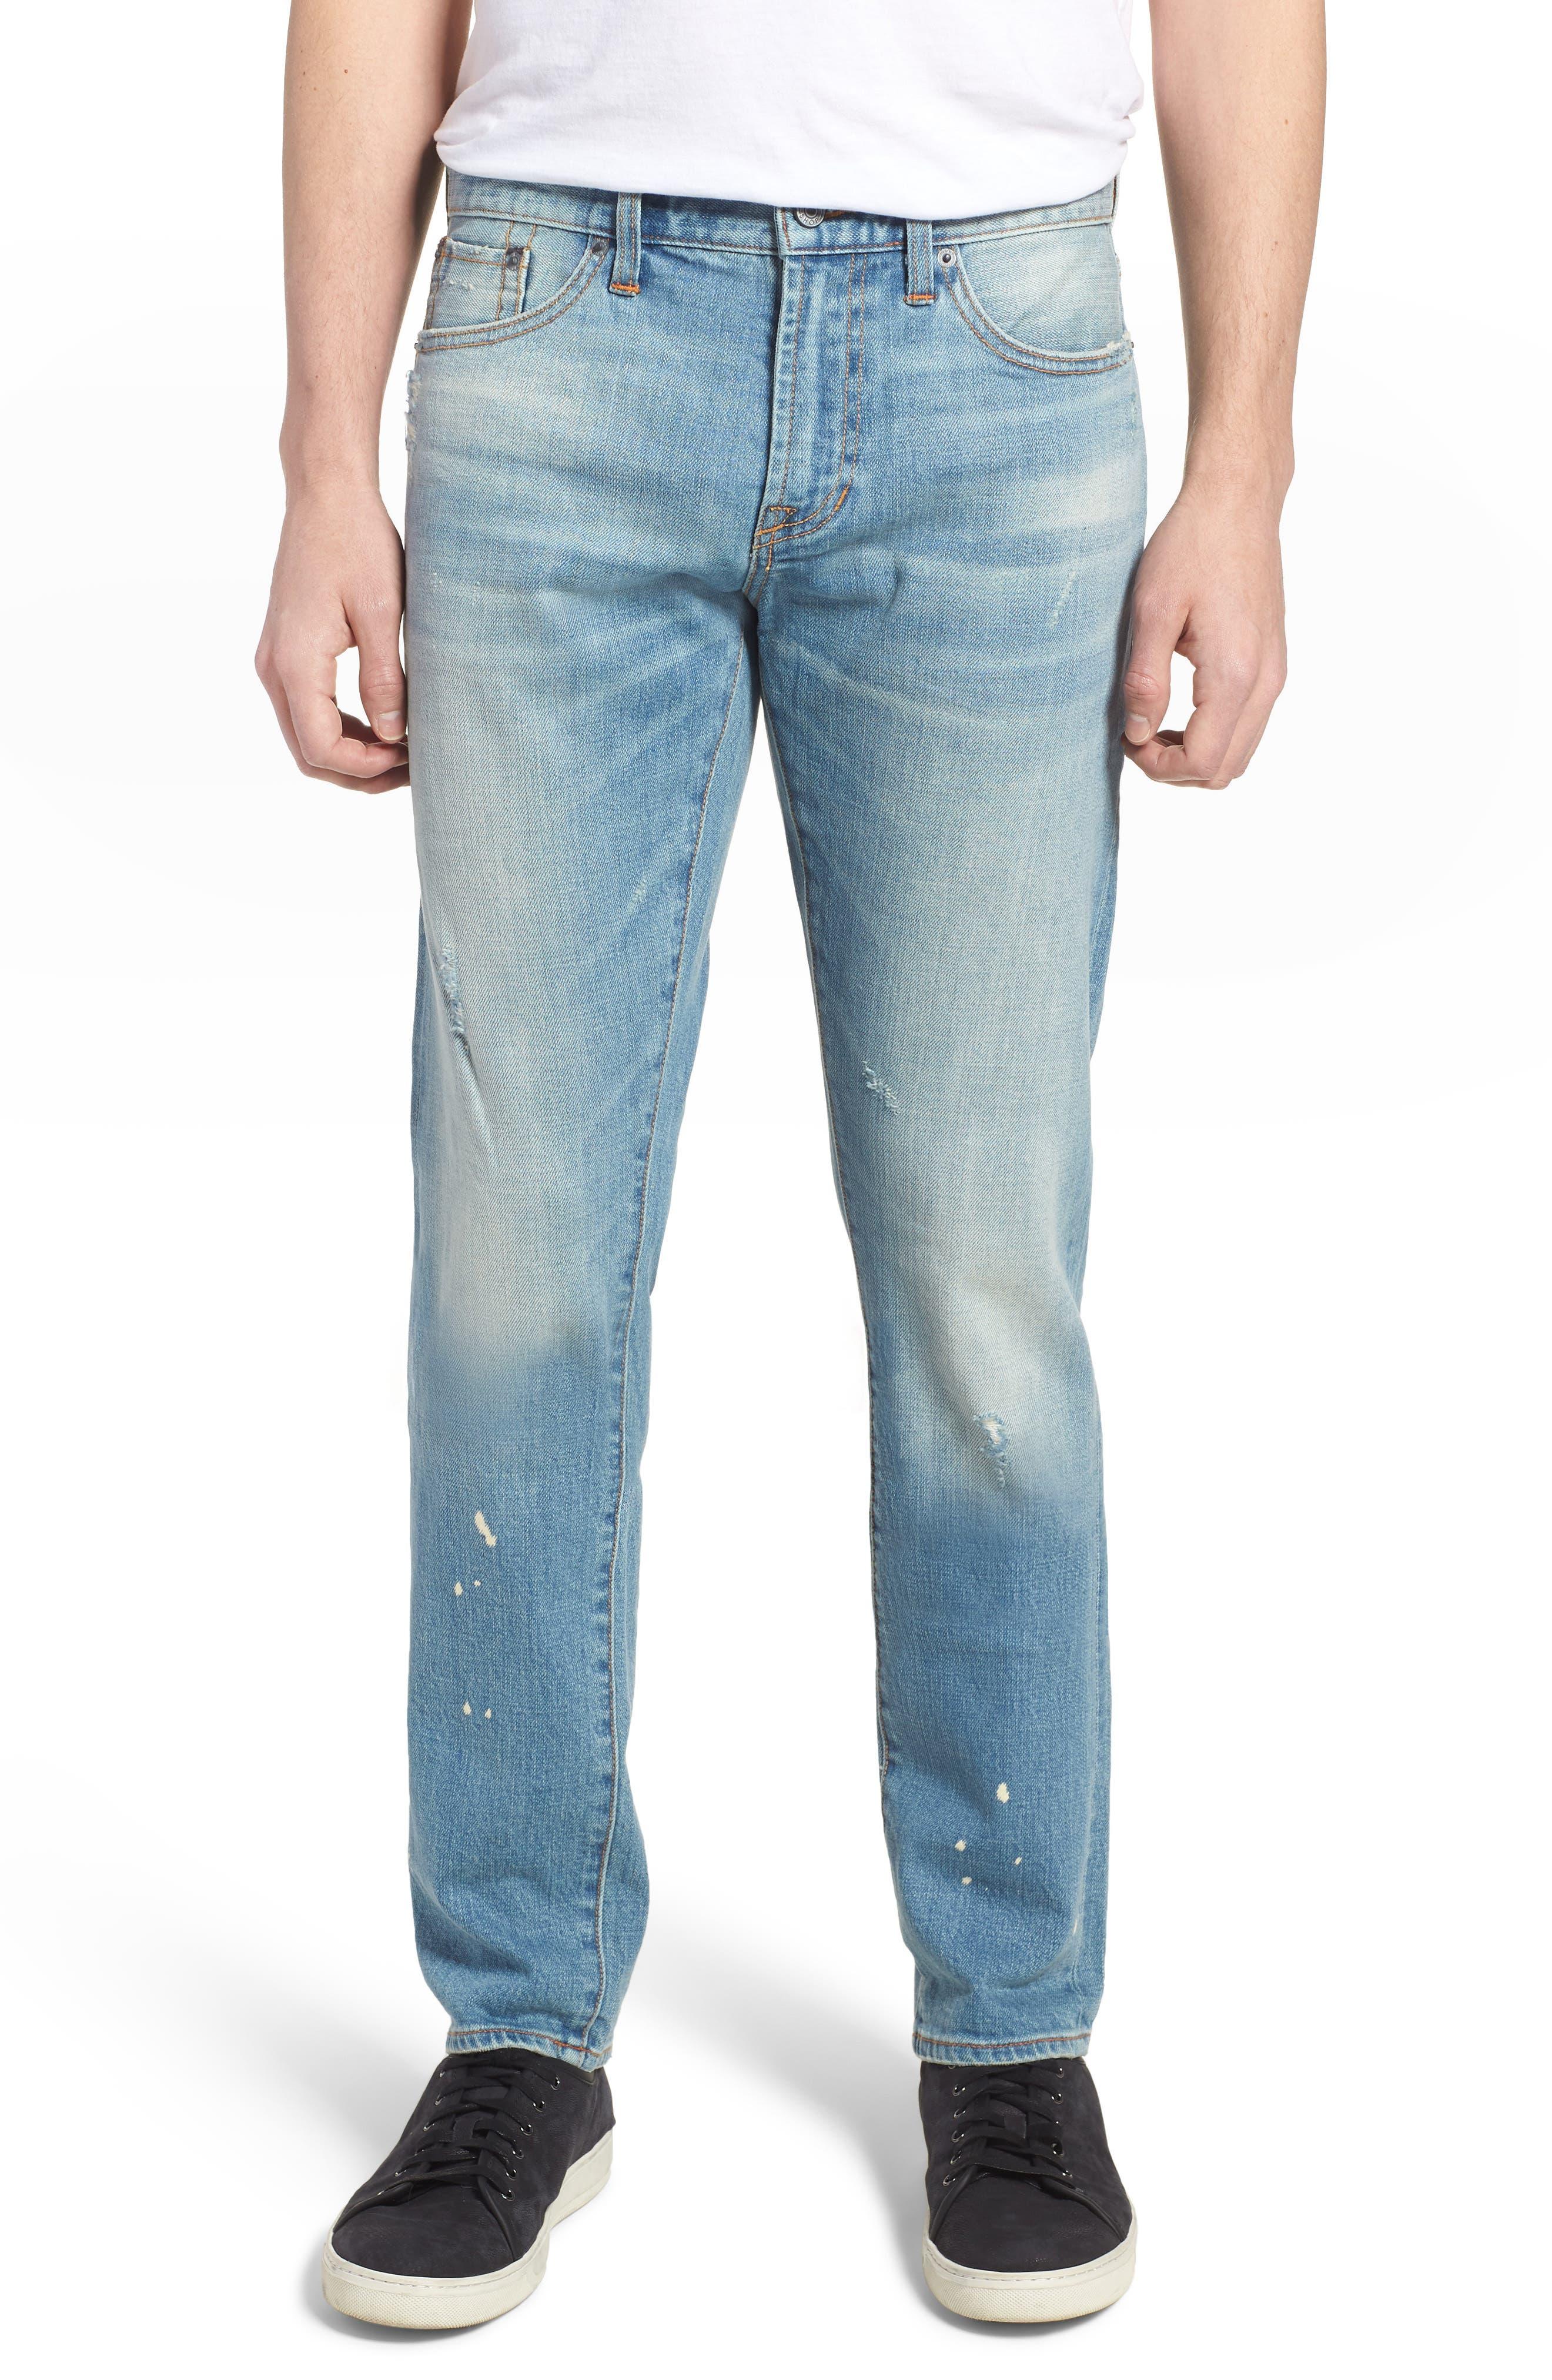 Jim Slim Fit Jeans,                             Main thumbnail 1, color,                             Hollis